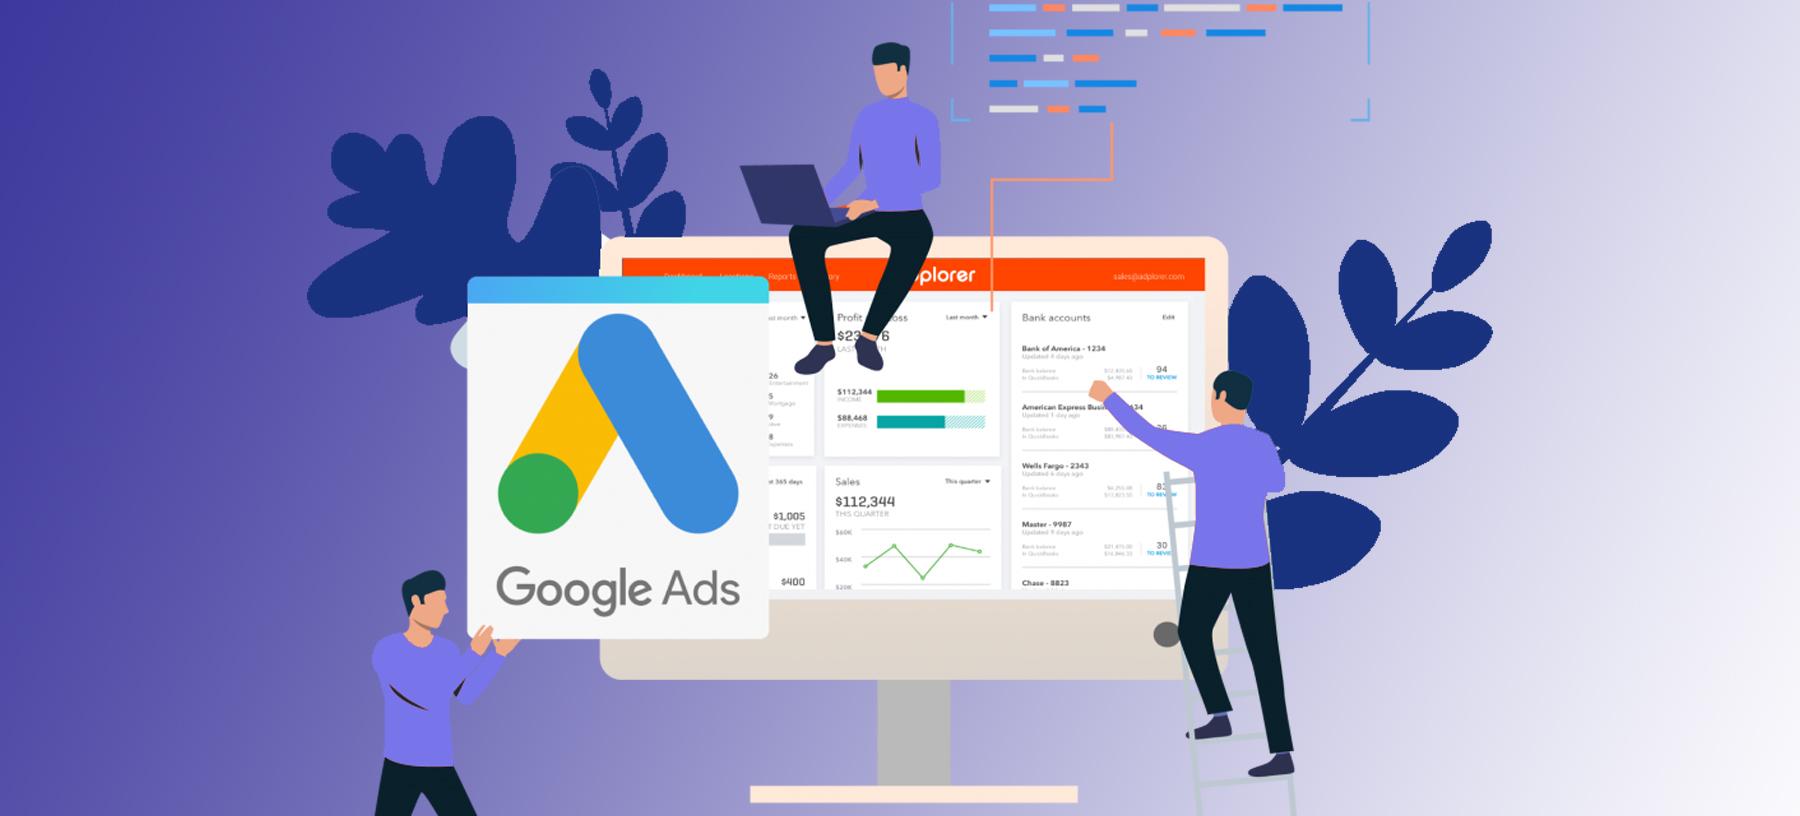 تبلیغات گوگل در کسب و کارها